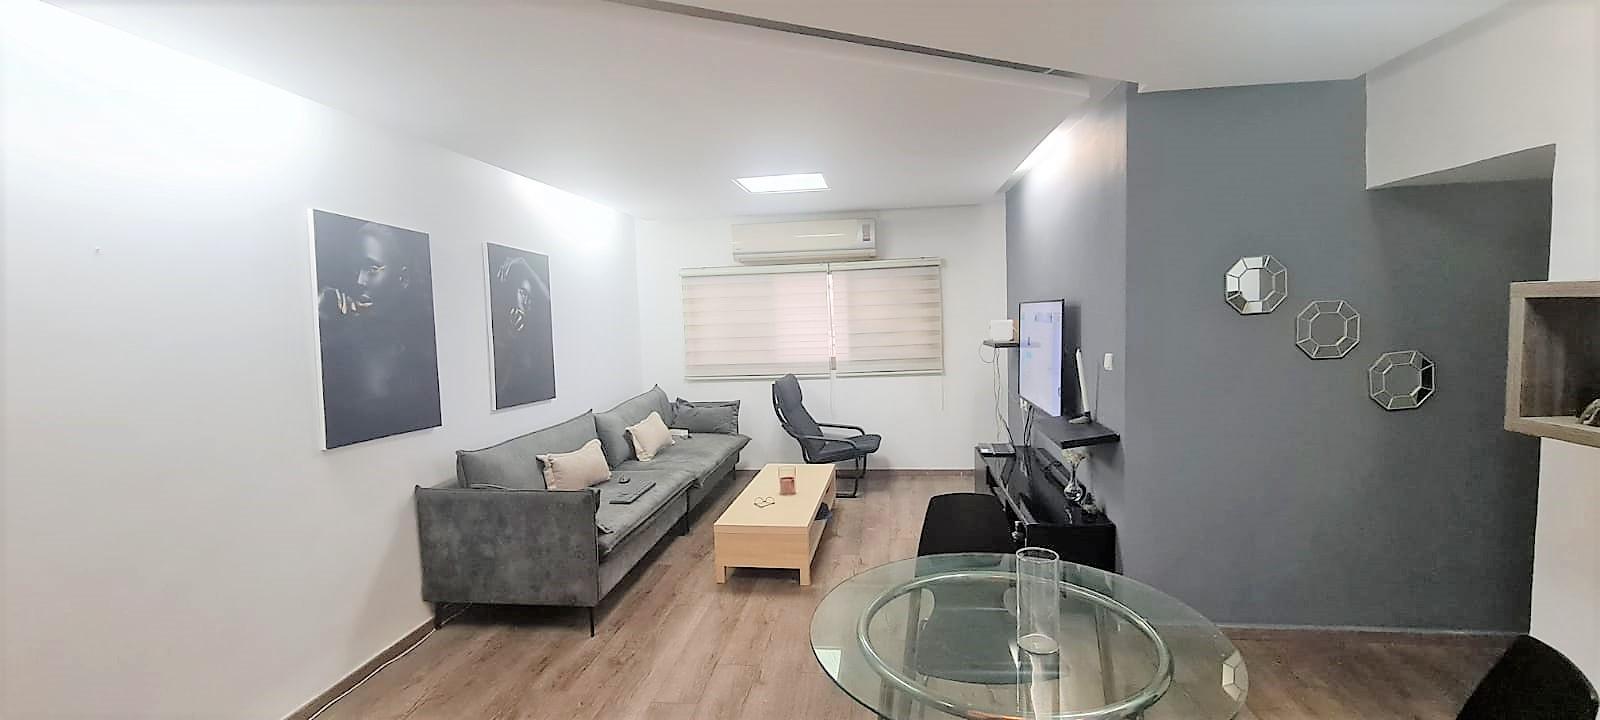 למכירה דירת חדרים משופצת במיקום מצויין למשפחות בבניין עם מעלית!